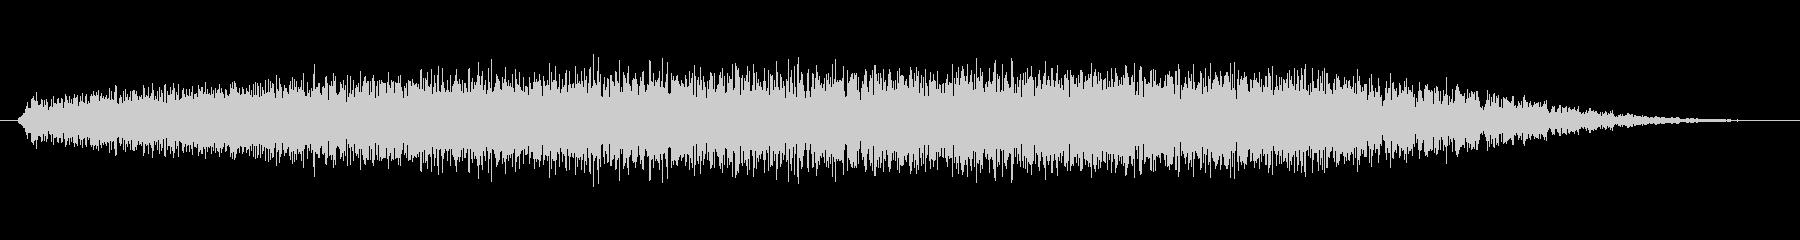 緊張 邪悪な聖歌隊クラスター低01の未再生の波形